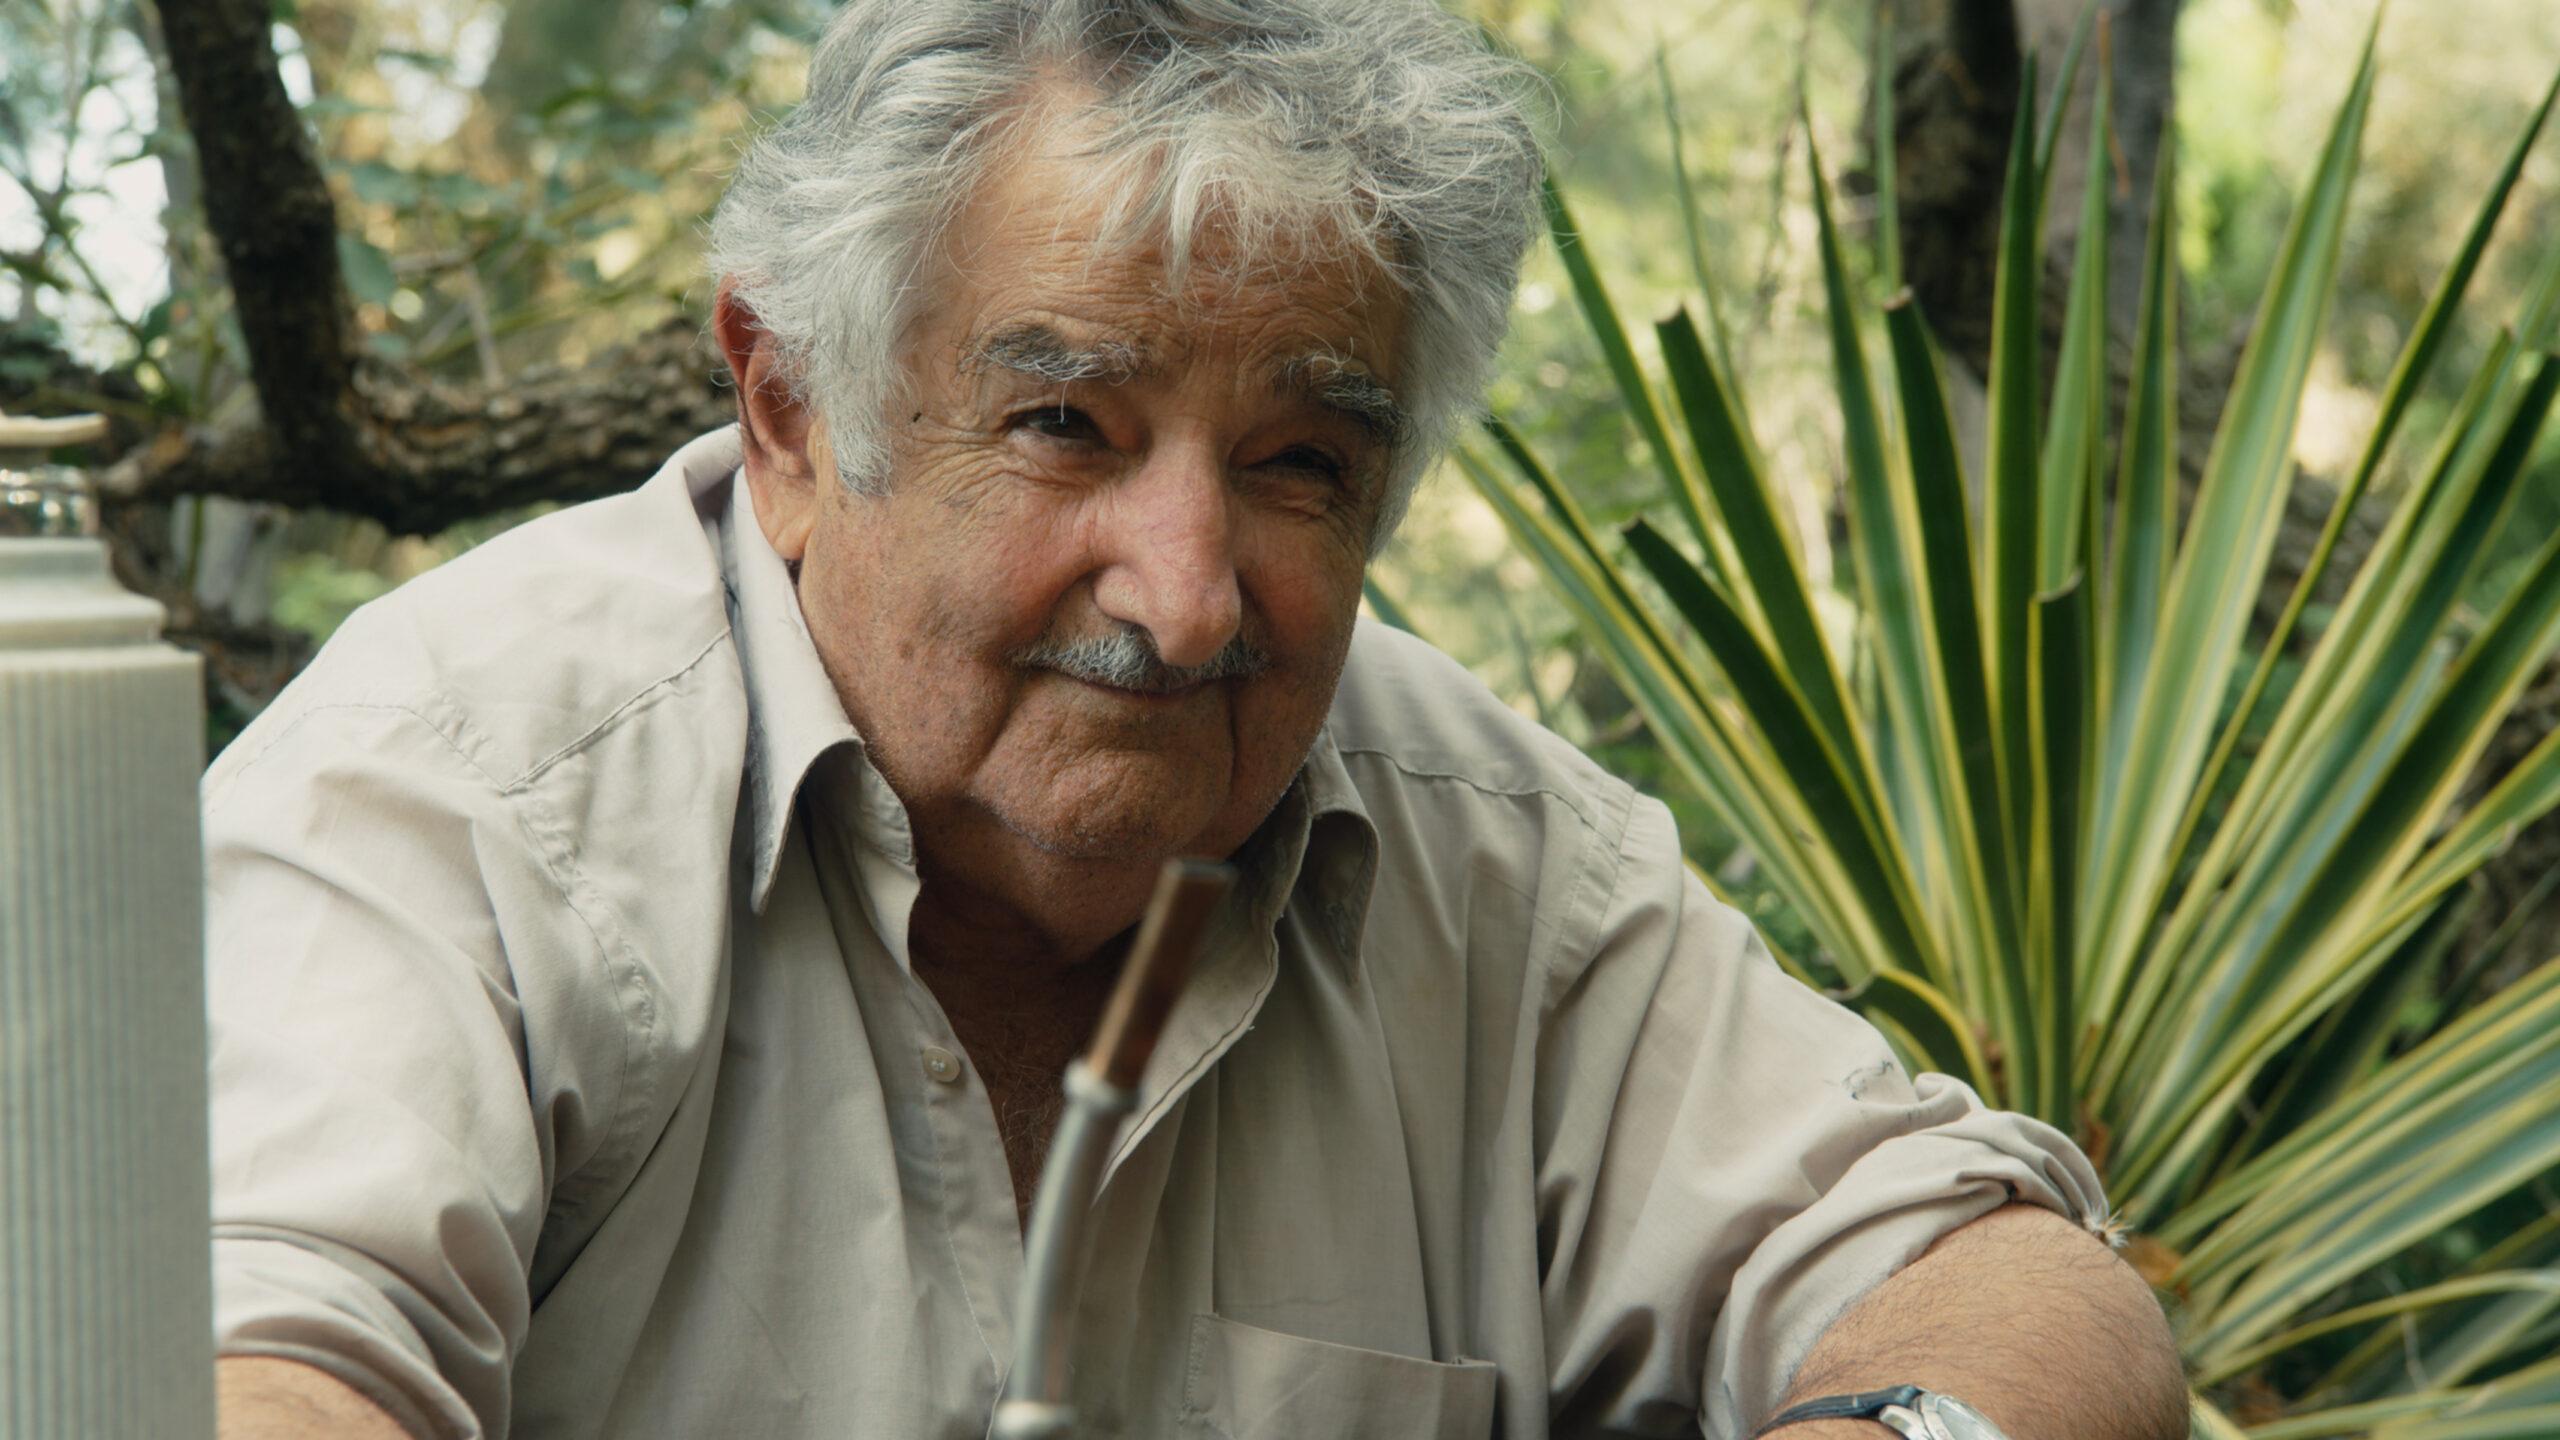 Imatge del documental 'El Pepe, una vida suprema', un retrat de l'expresident de l'Uruguai Pepe Mujica del director serbi Emir Kusturica